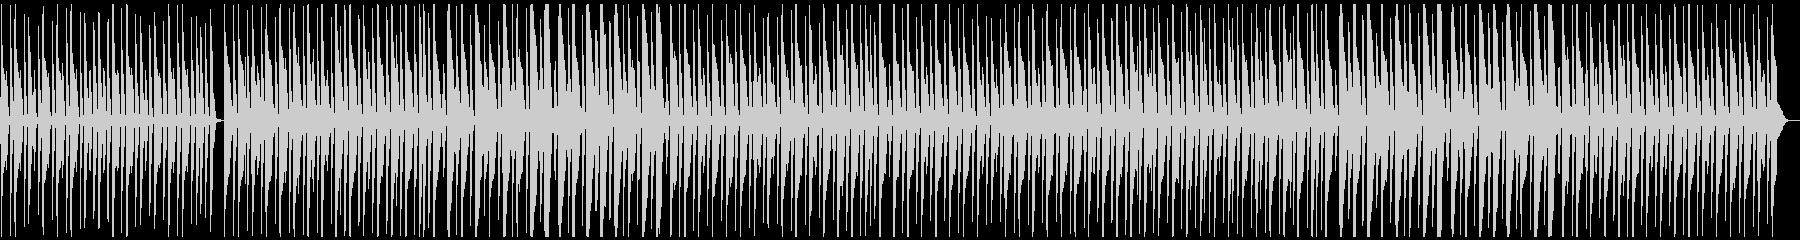 オーケストラ楽器使用_ビジネス向けBGMの未再生の波形